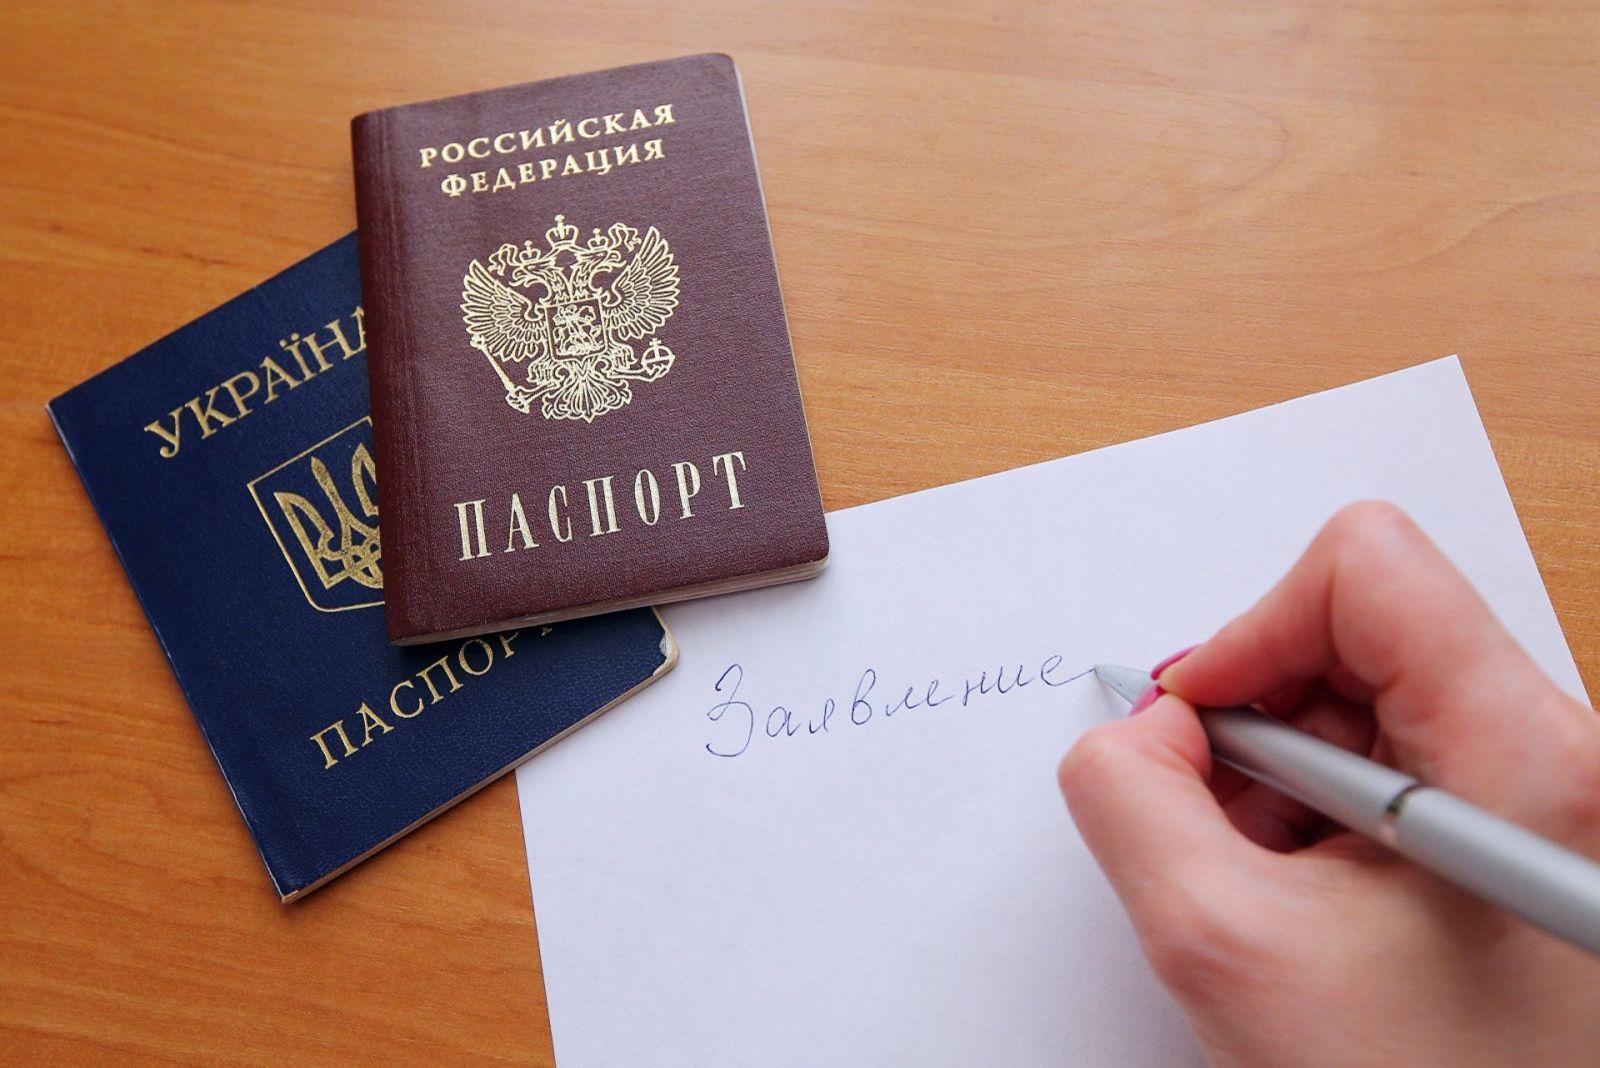 """""""Носители русского языка"""", - Россия вновь упрощает выдачу паспортов для украинцев"""